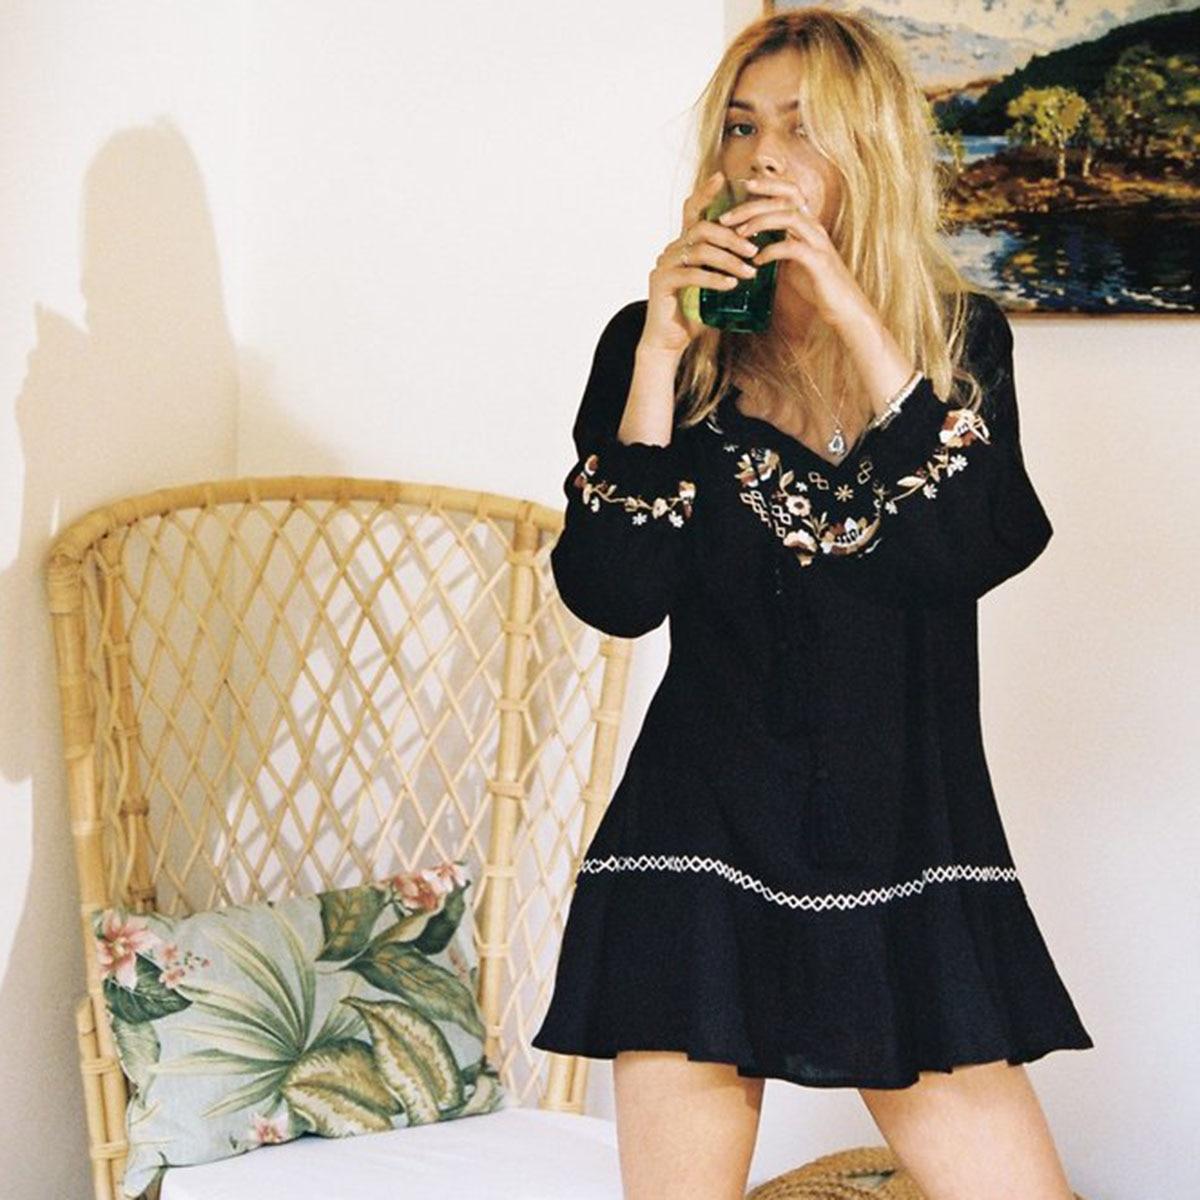 Gitane Plage Mini robe pour femmes Broderie Floral Vintage à manches longues stickers de porte 2019 D'été Sexy Plage Boho Chic robe courte